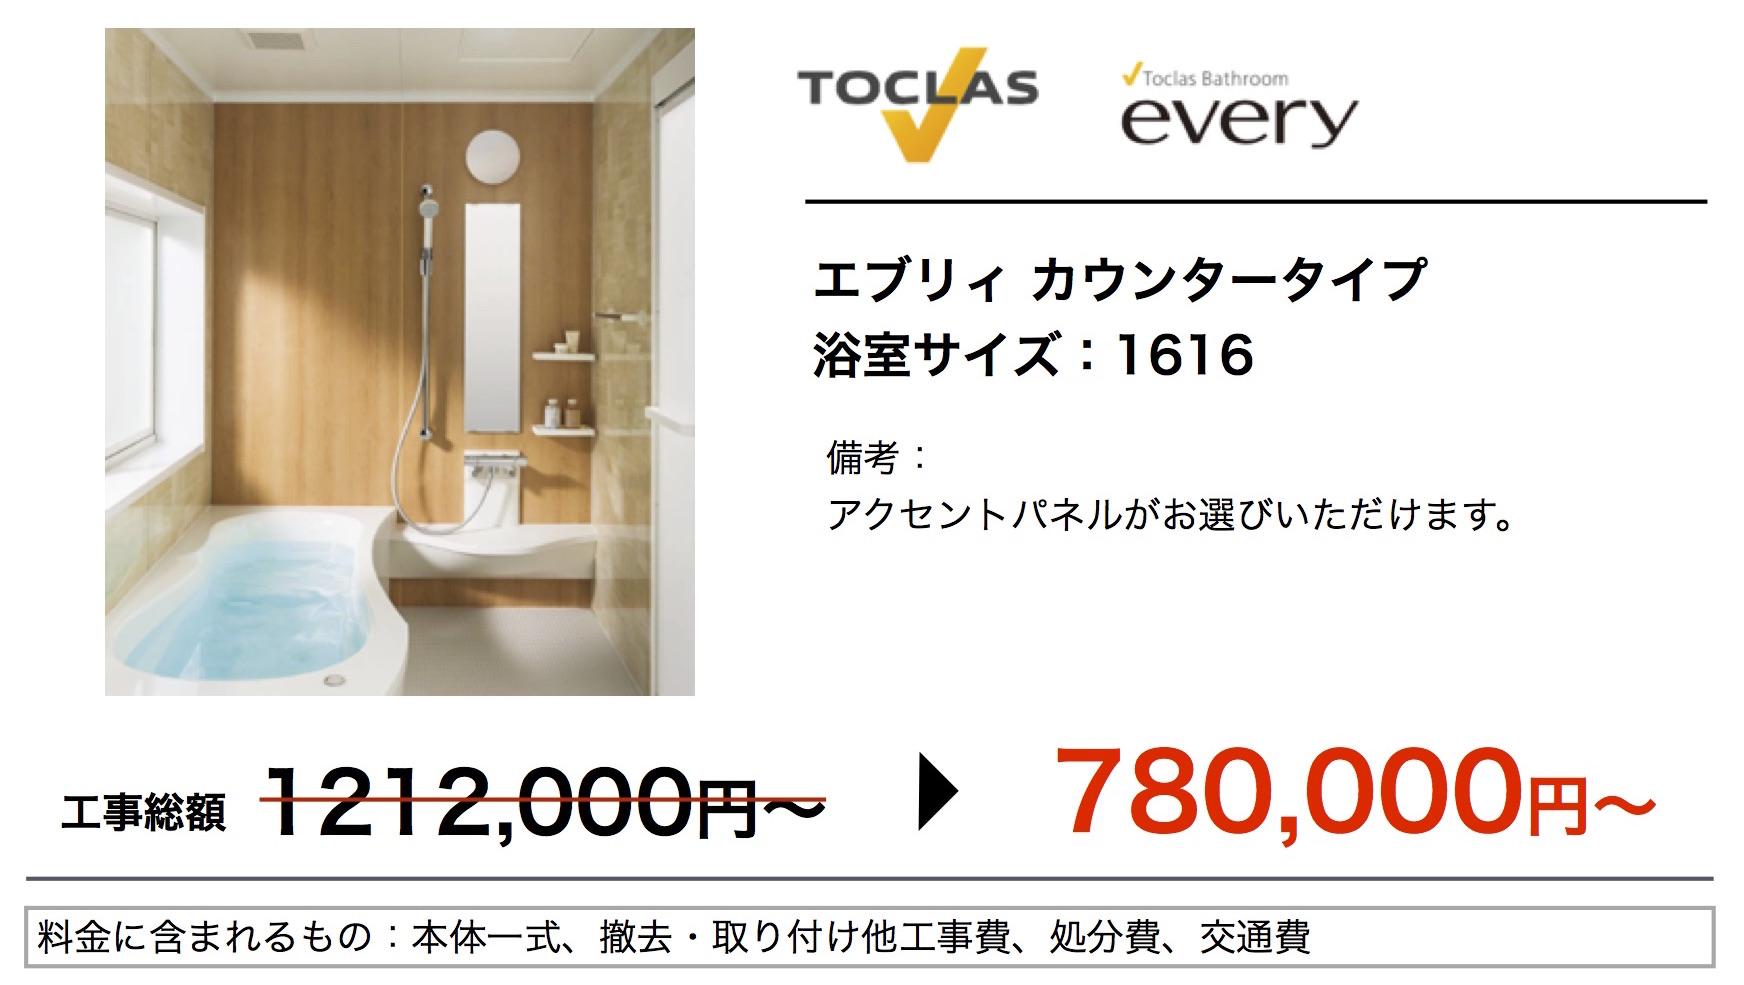 翔建料金事例-toclas